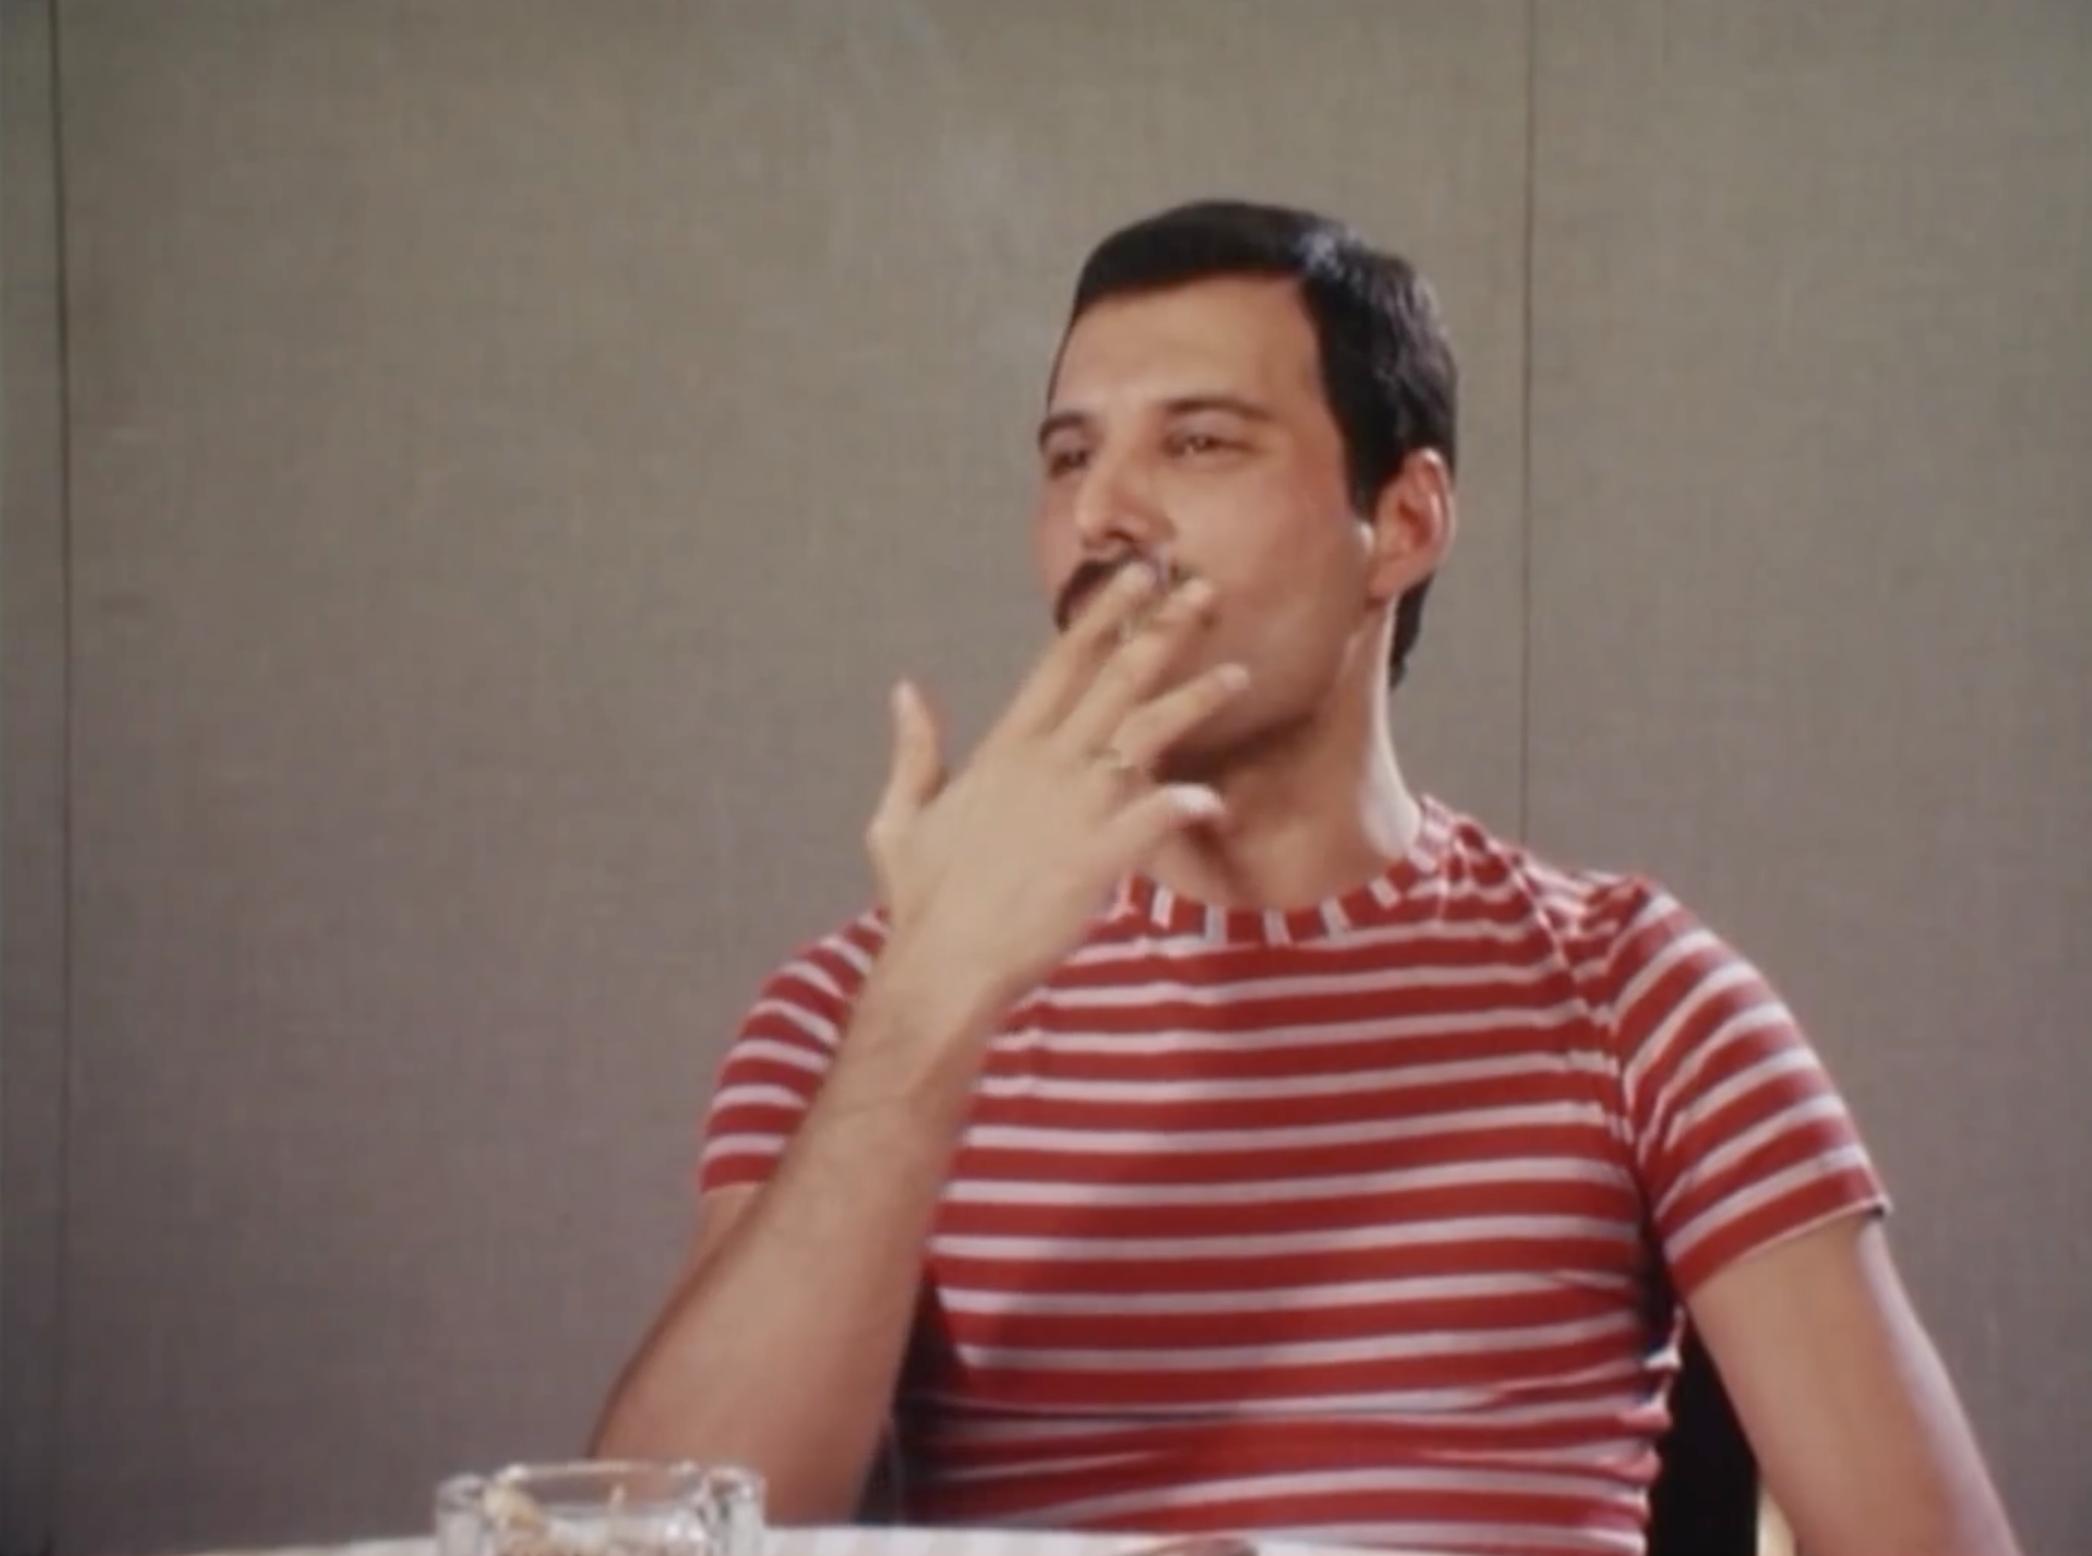 Cigarette Freddie in the 80s